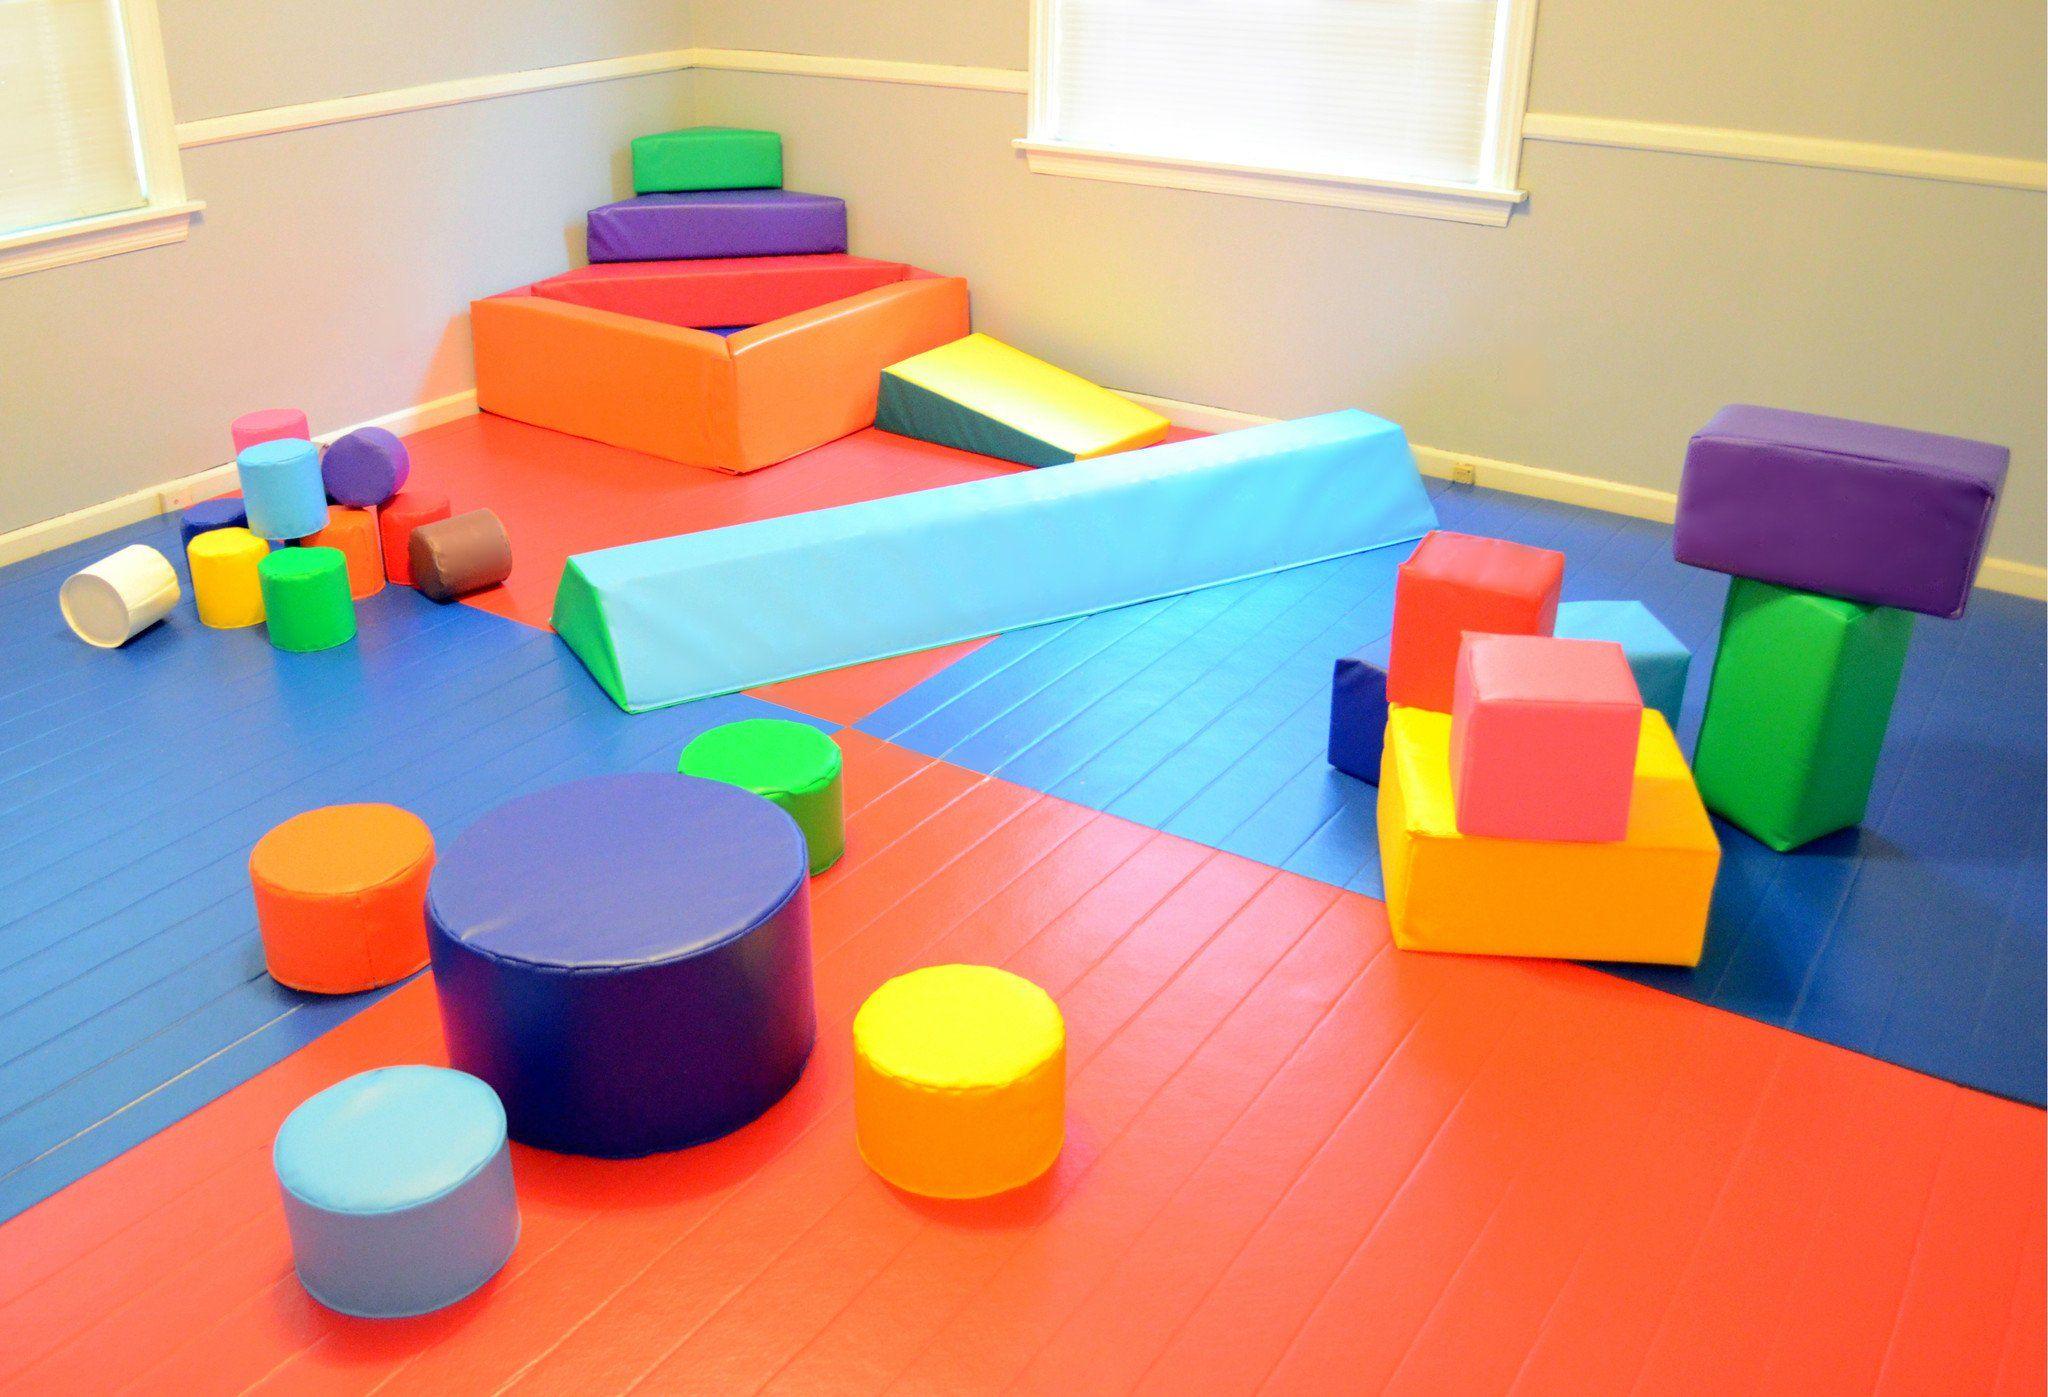 RollUp Playroom Flooring 5' x 5' in 2020 Playroom